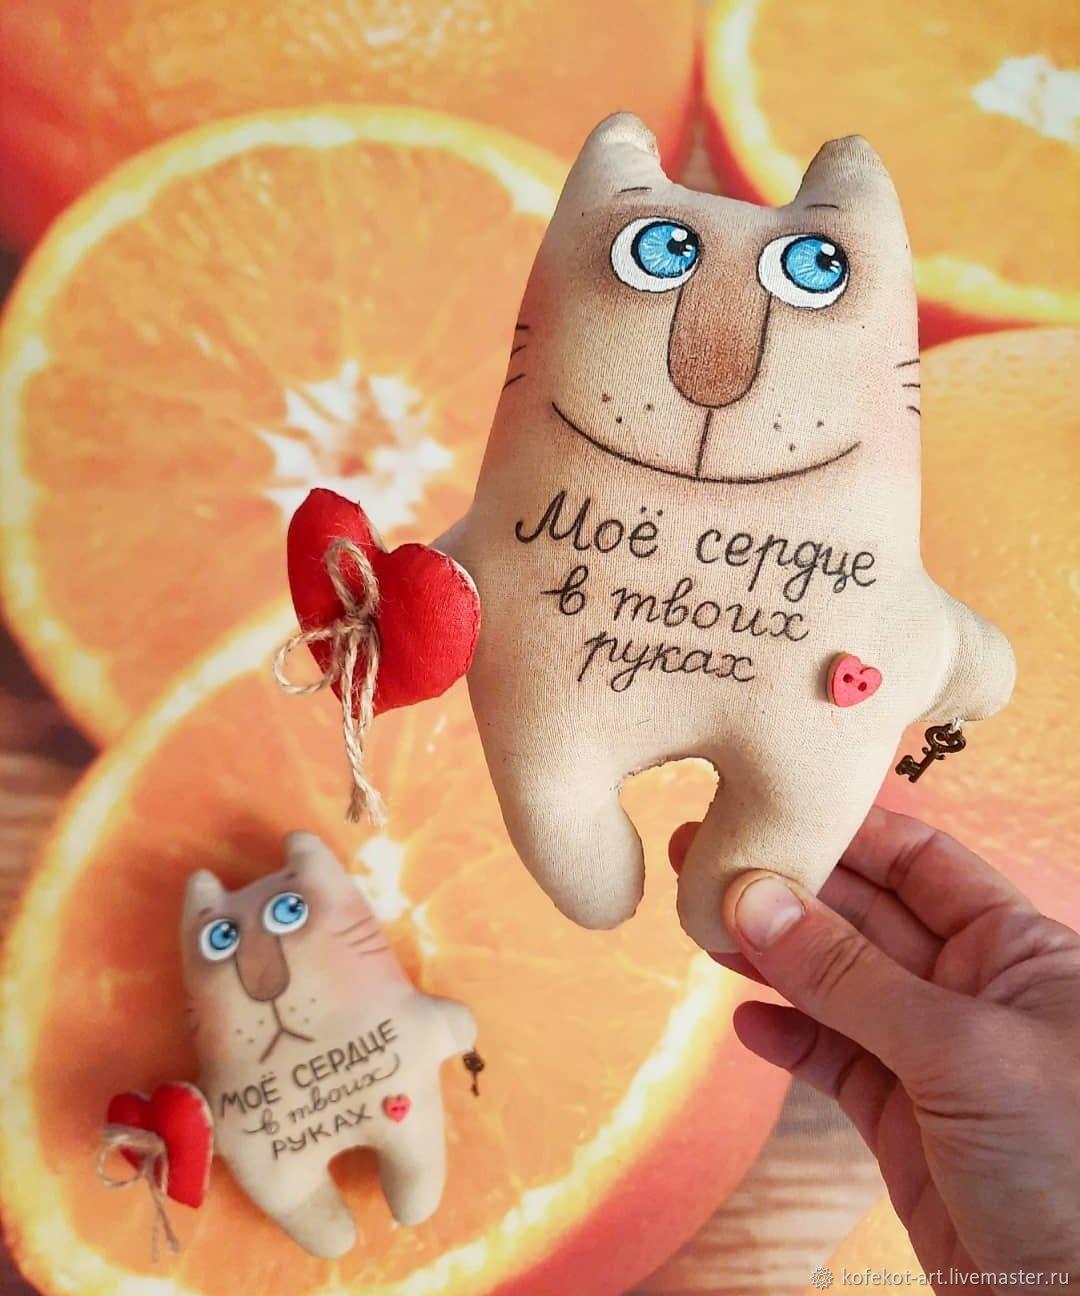 Кот с сердцем (кофейные игрушки), Мягкие игрушки, Сочи,  Фото №1